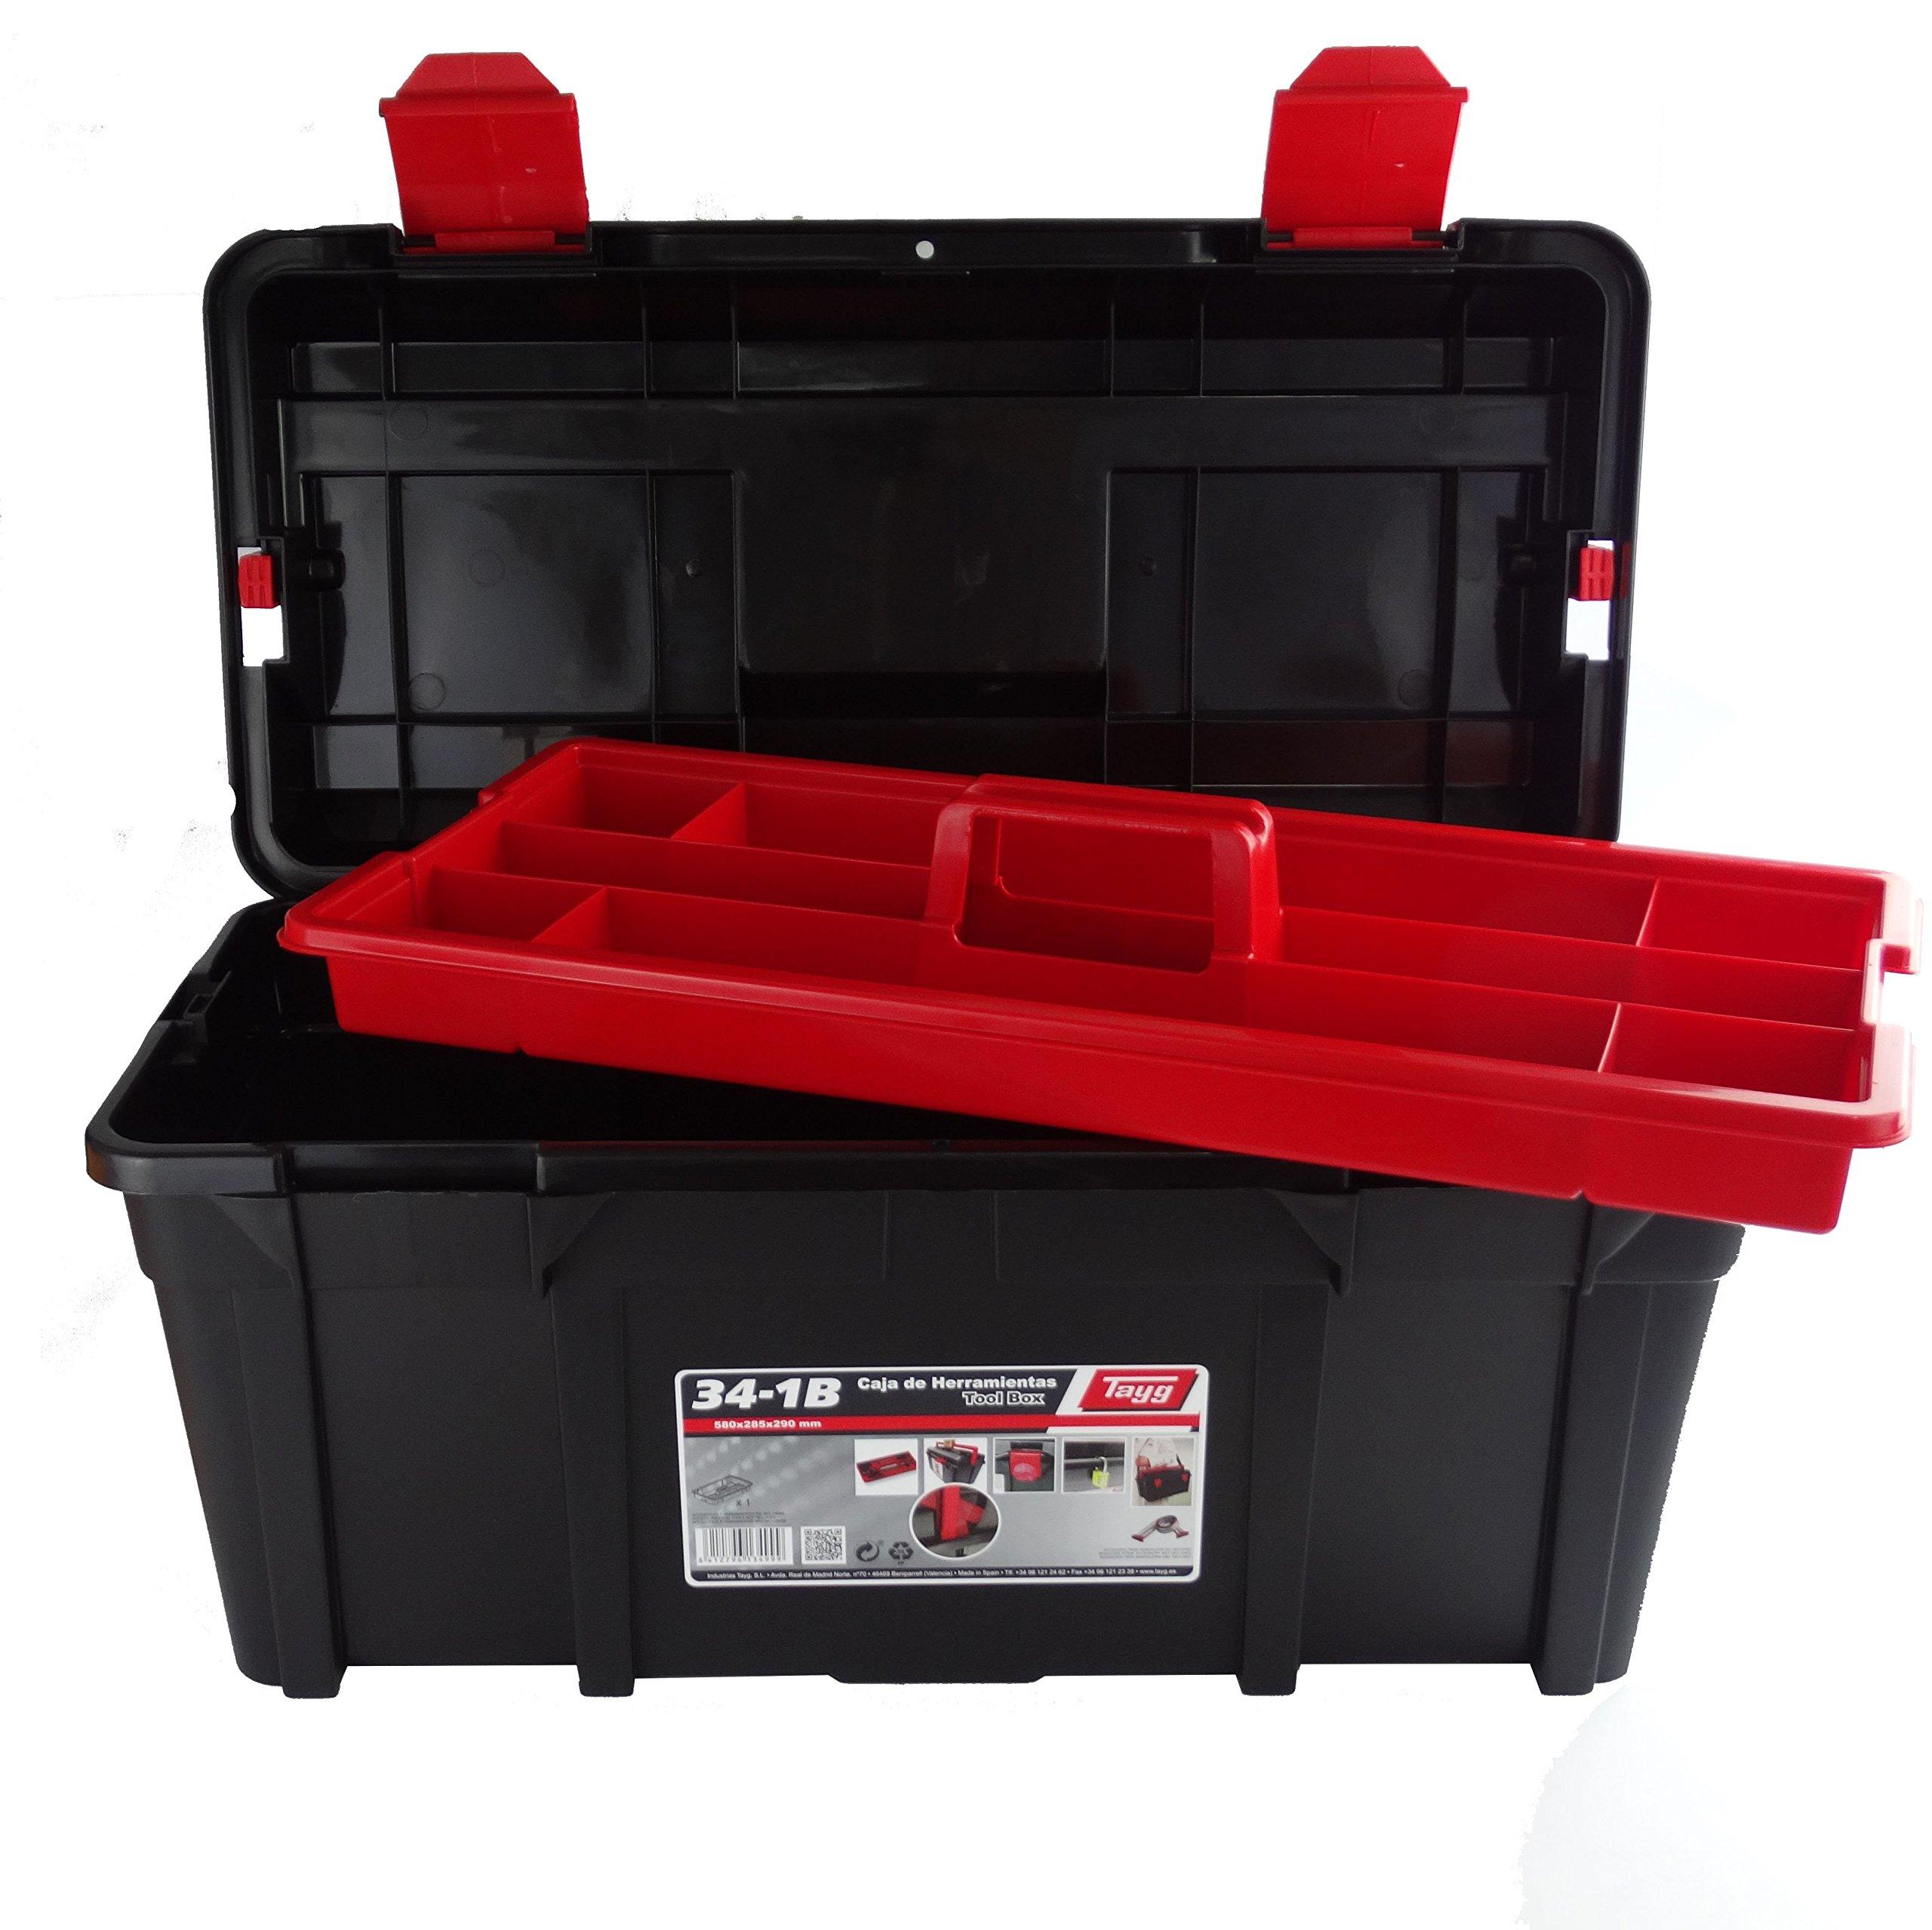 Tayg - Caja herramientas plástico nº 34-1B: Amazon.es: Industria, empresas y ciencia